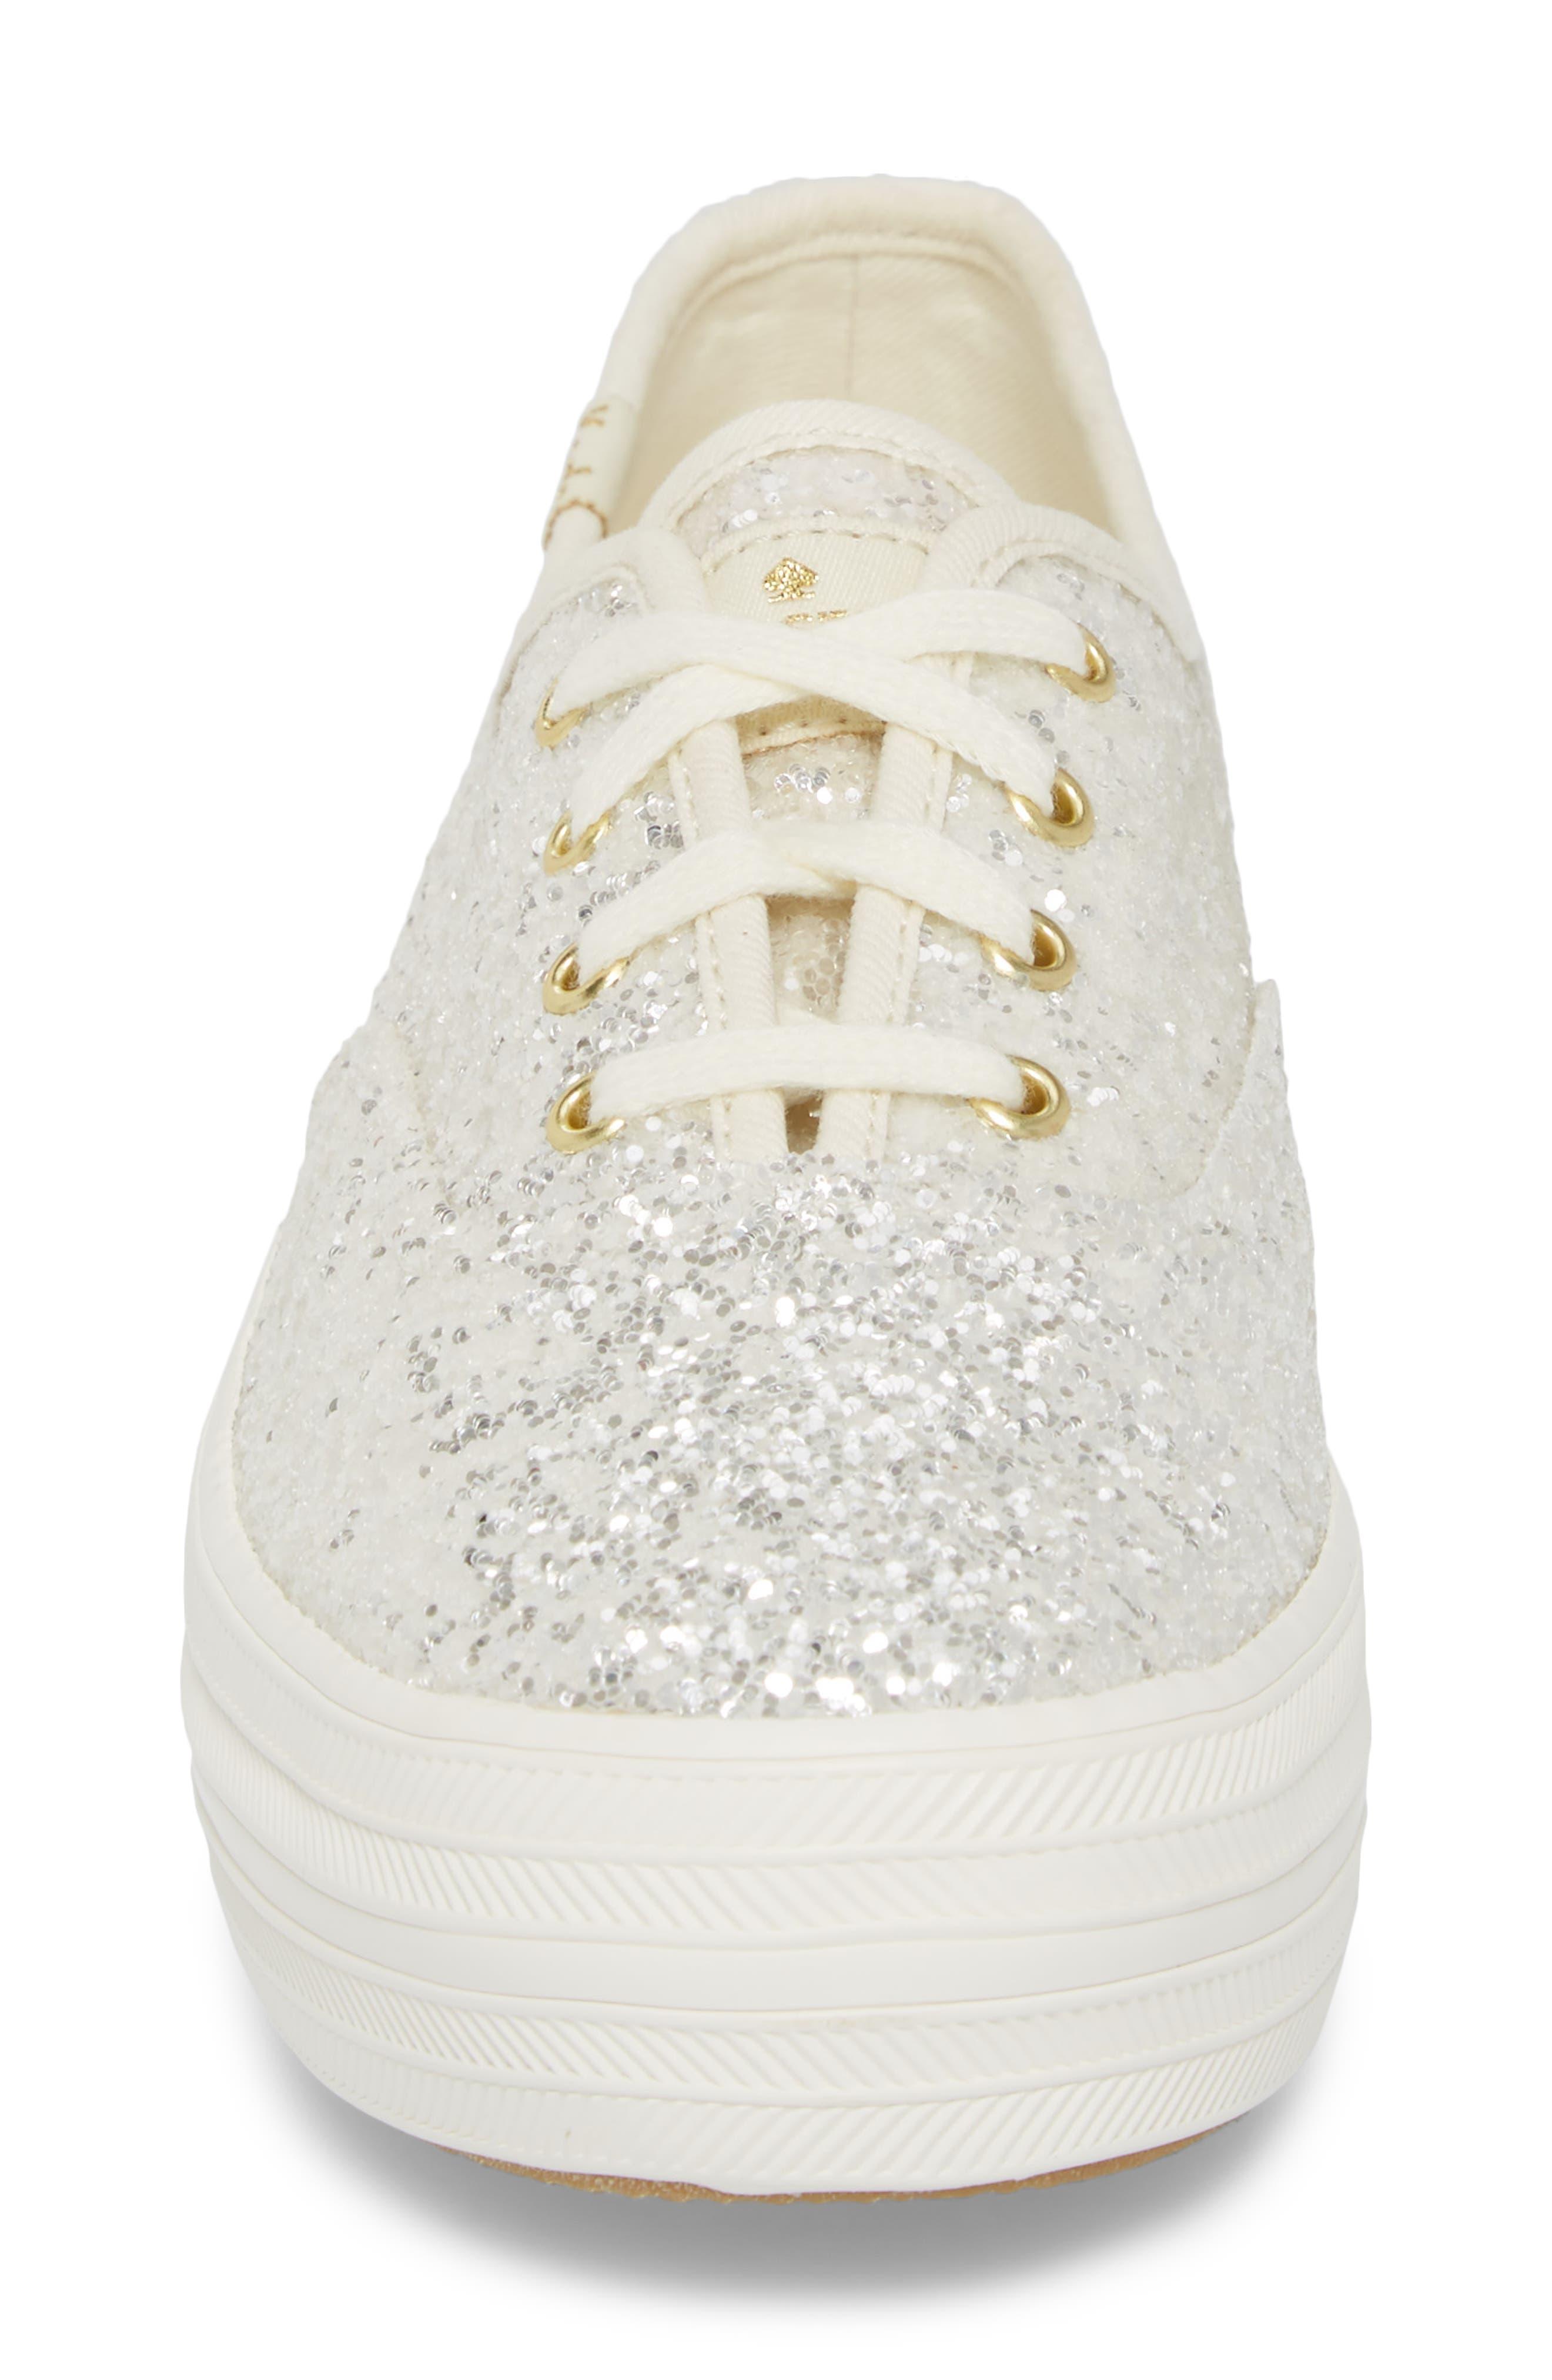 KEDS<SUP>®</SUP> FOR KATE SPADE NEW YORK, triple decker glitter sneaker, Alternate thumbnail 4, color, CREAM